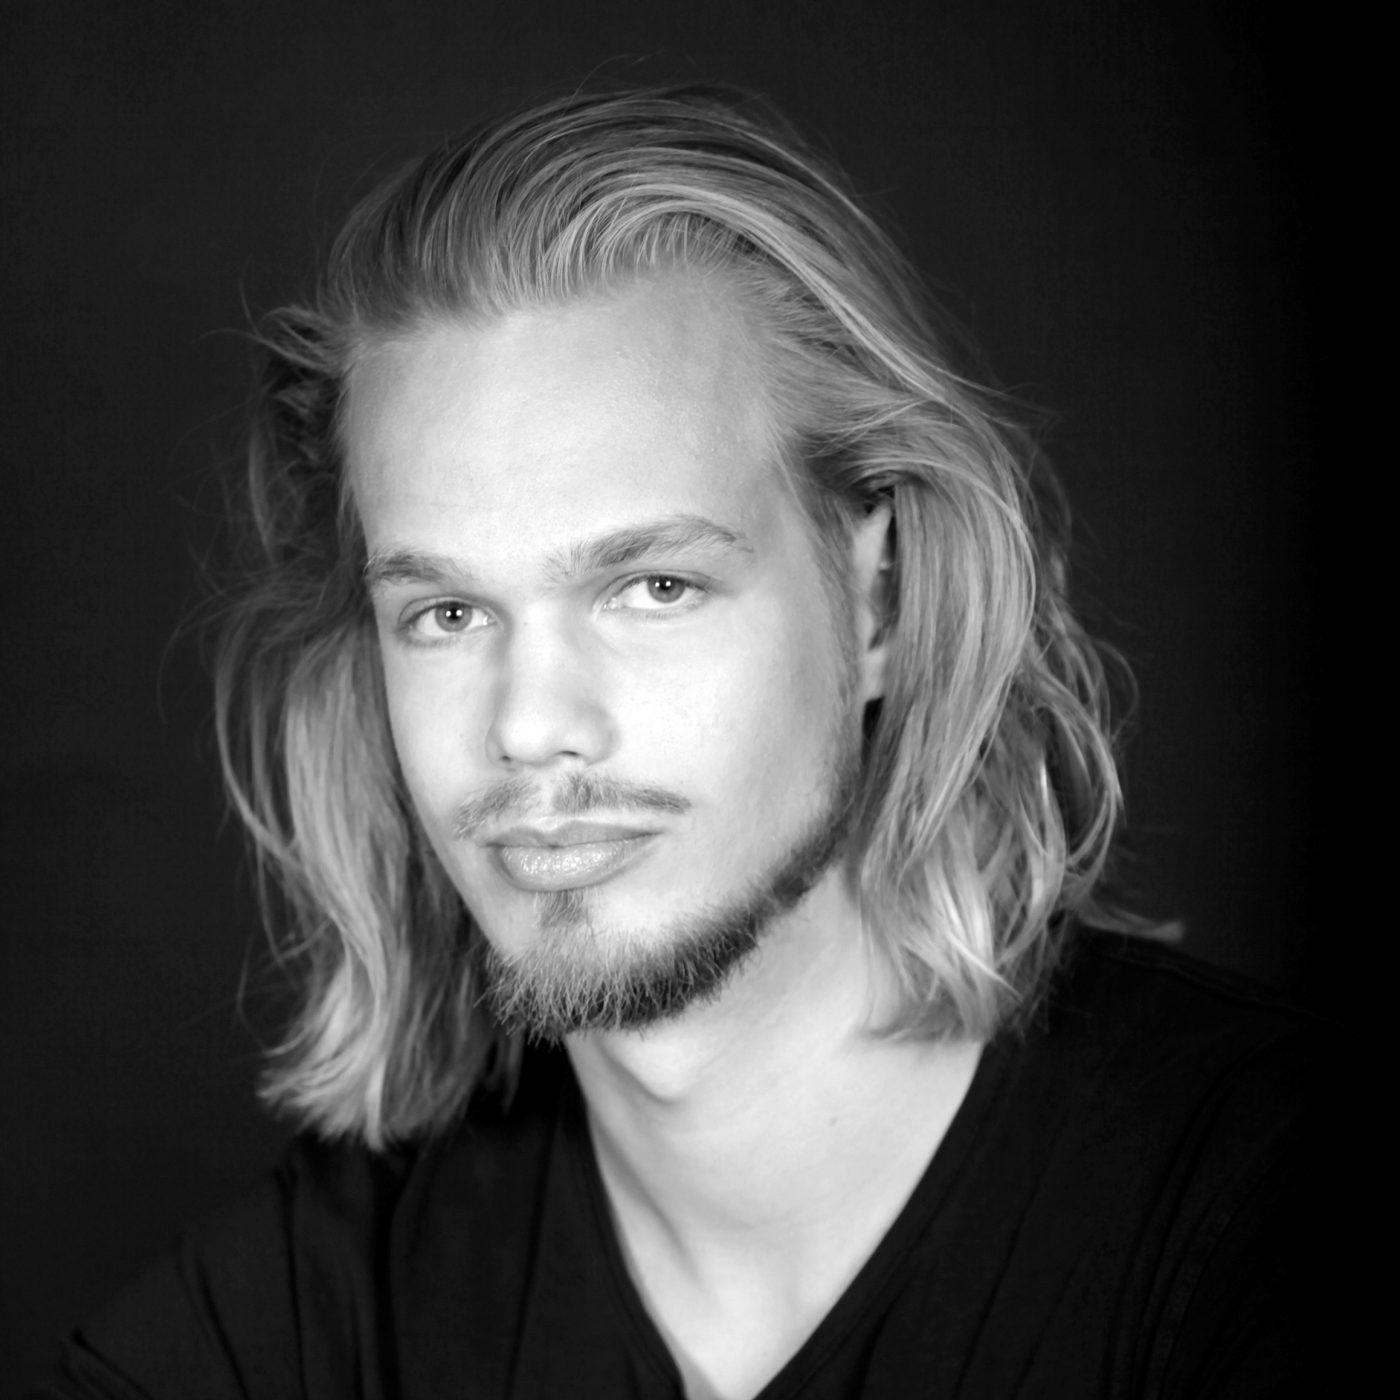 Markus Suihkonen